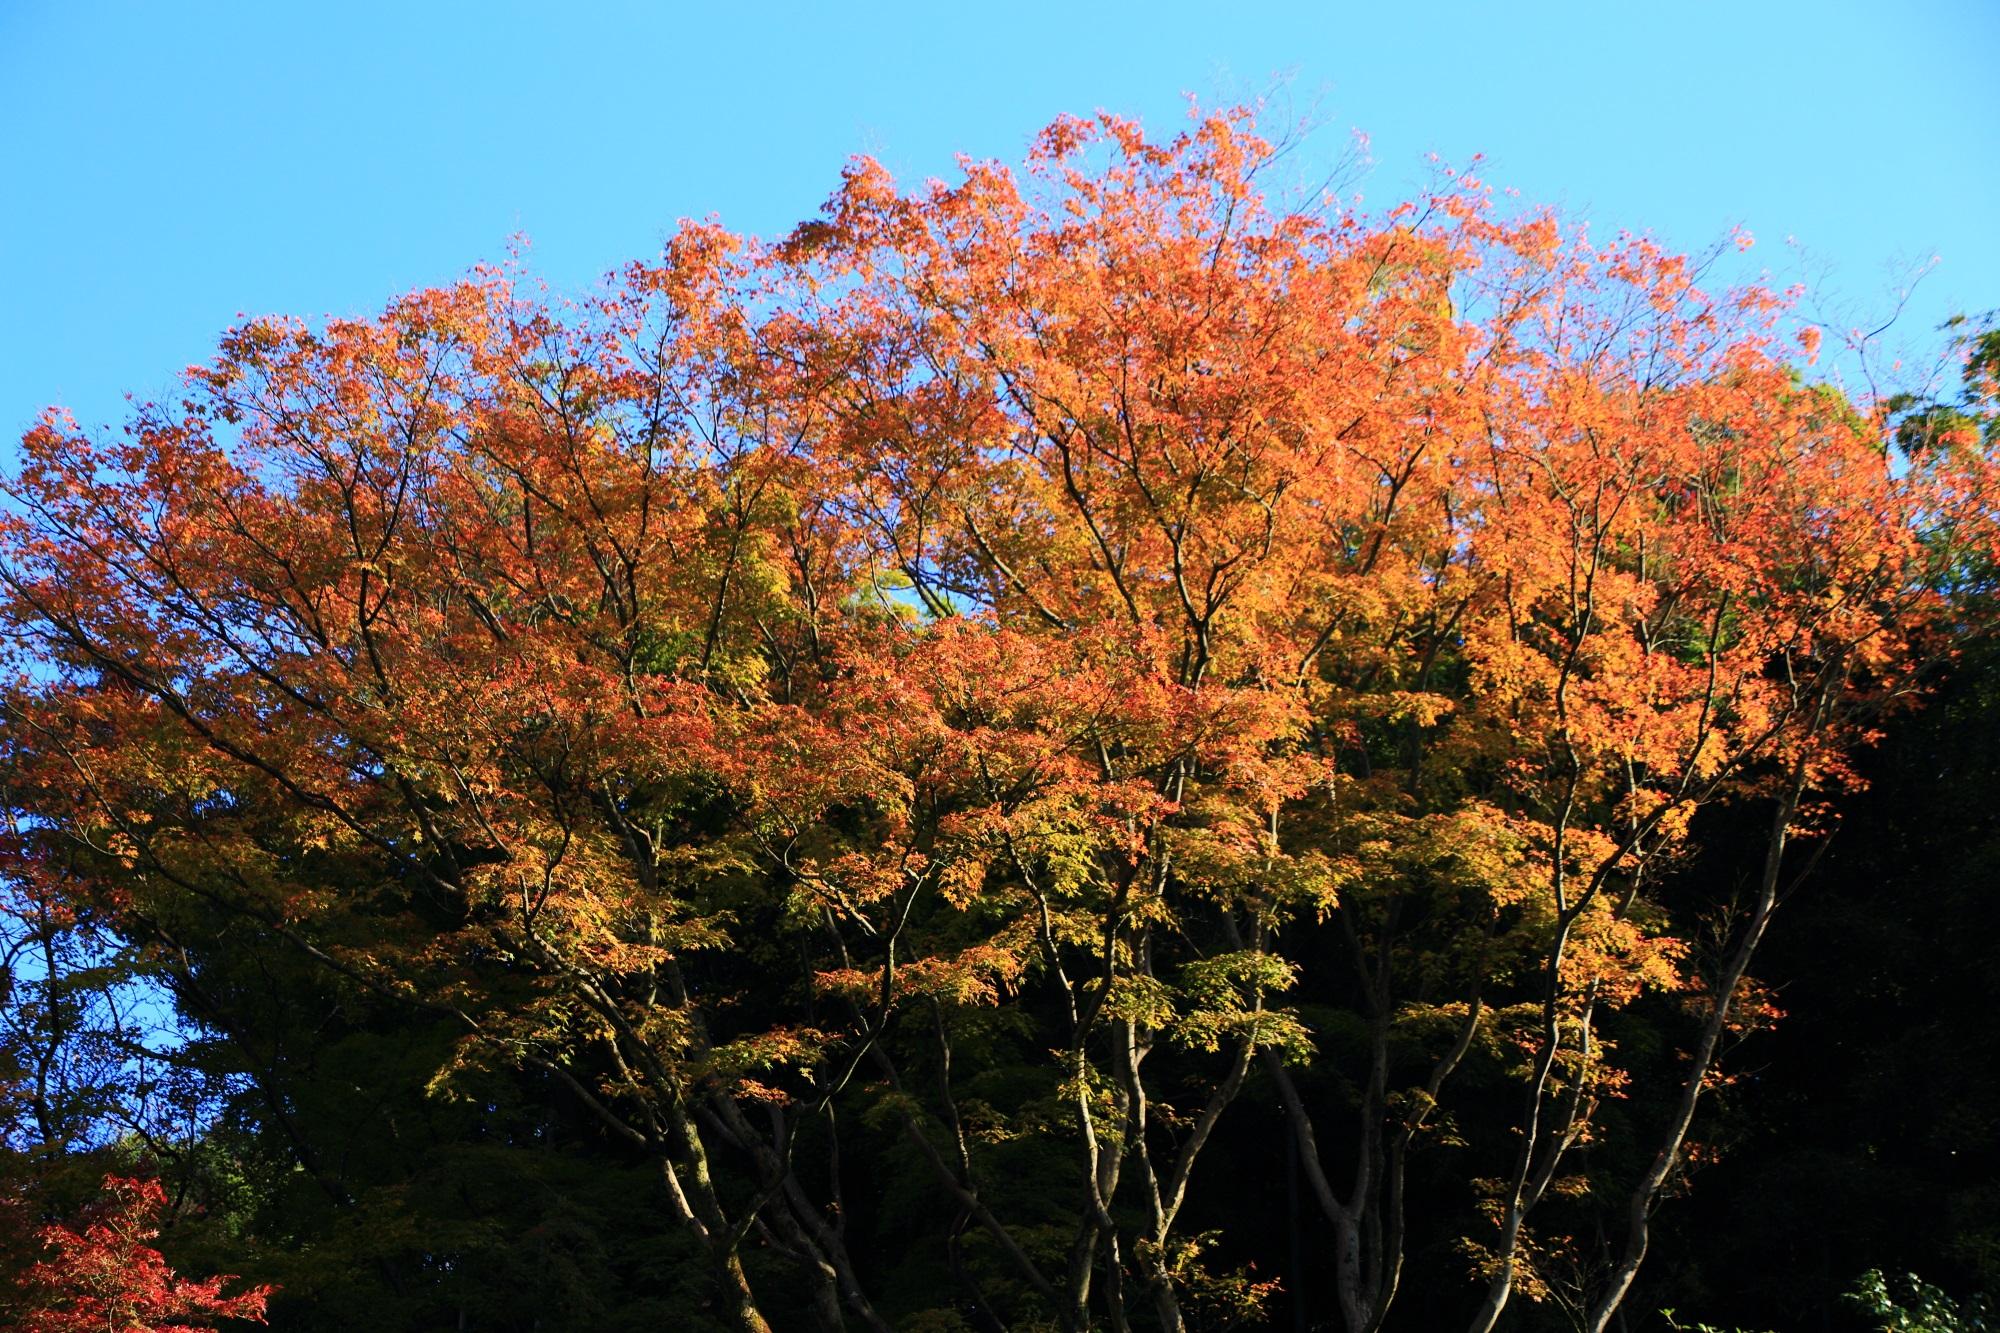 青蓮院の相阿弥の庭の華やかな紅葉